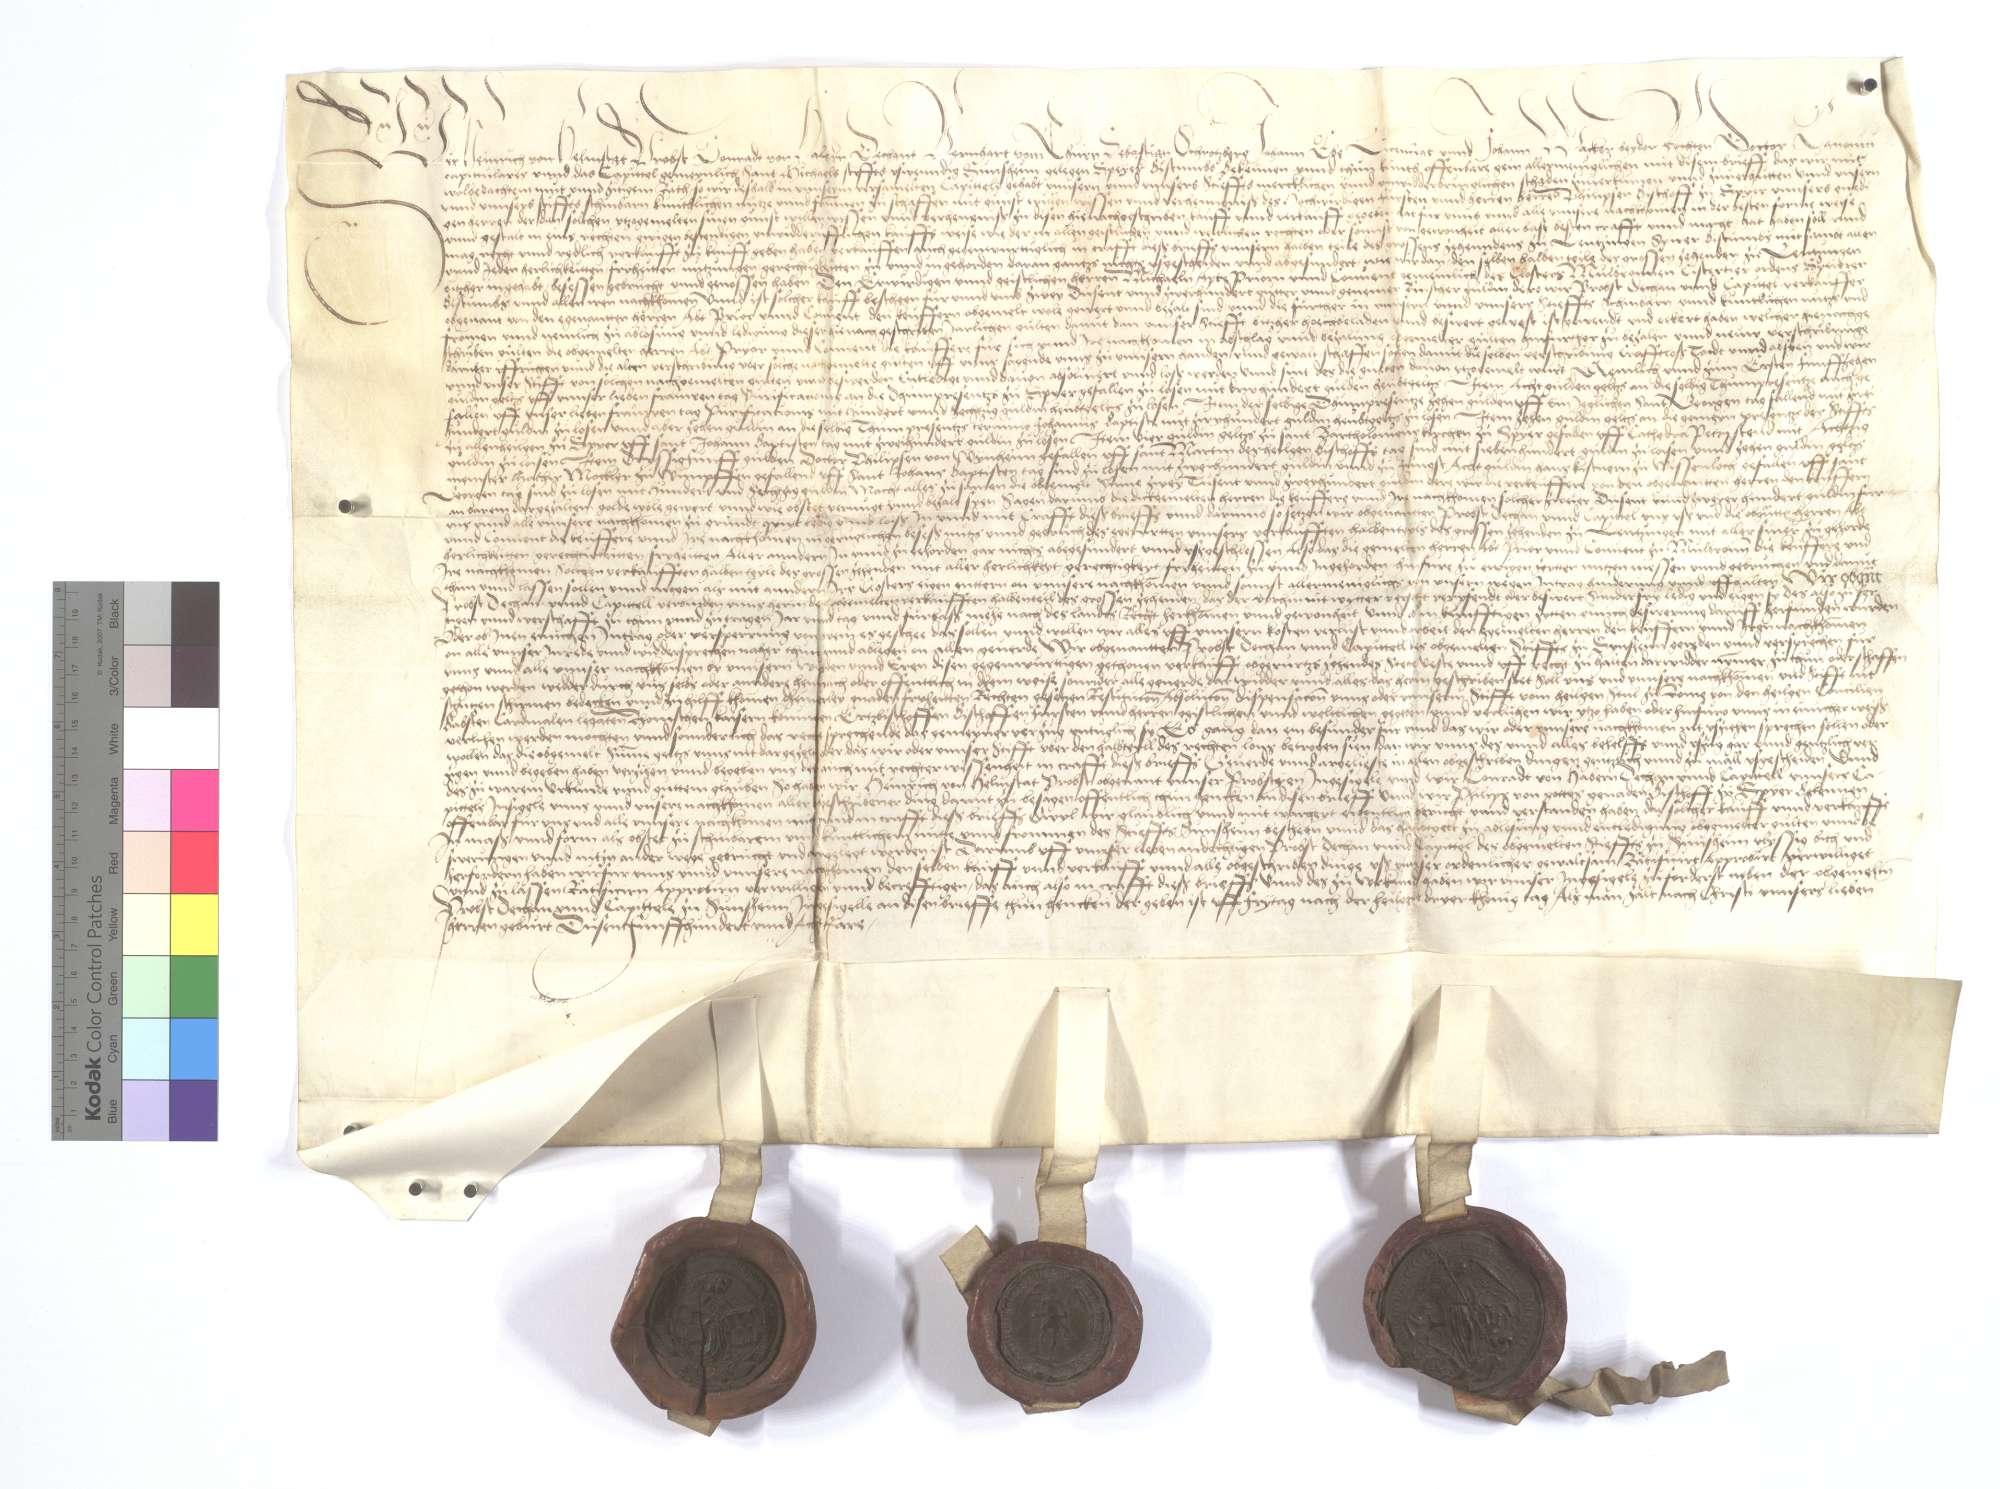 Der Abt und Konvent von Sinsheim, verkaufen dem Kloster Maulbronn den halben Teil des Fruchtzehnten in Lienzingen (Lientzingen) für 2.200 Gulden., Text